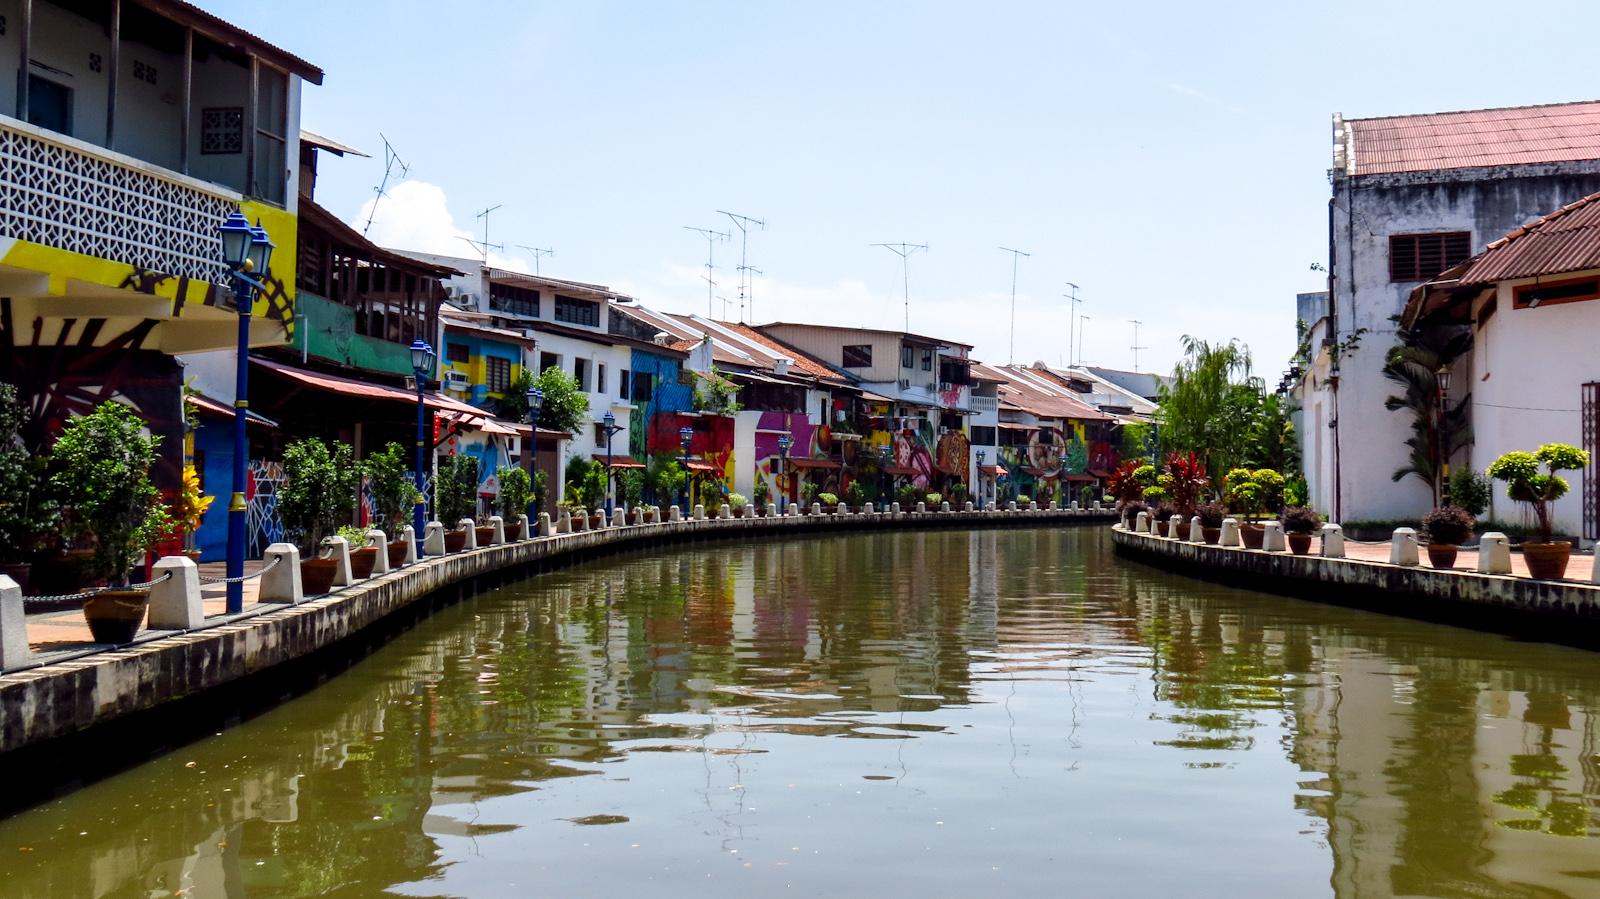 Malaizija - Melaka